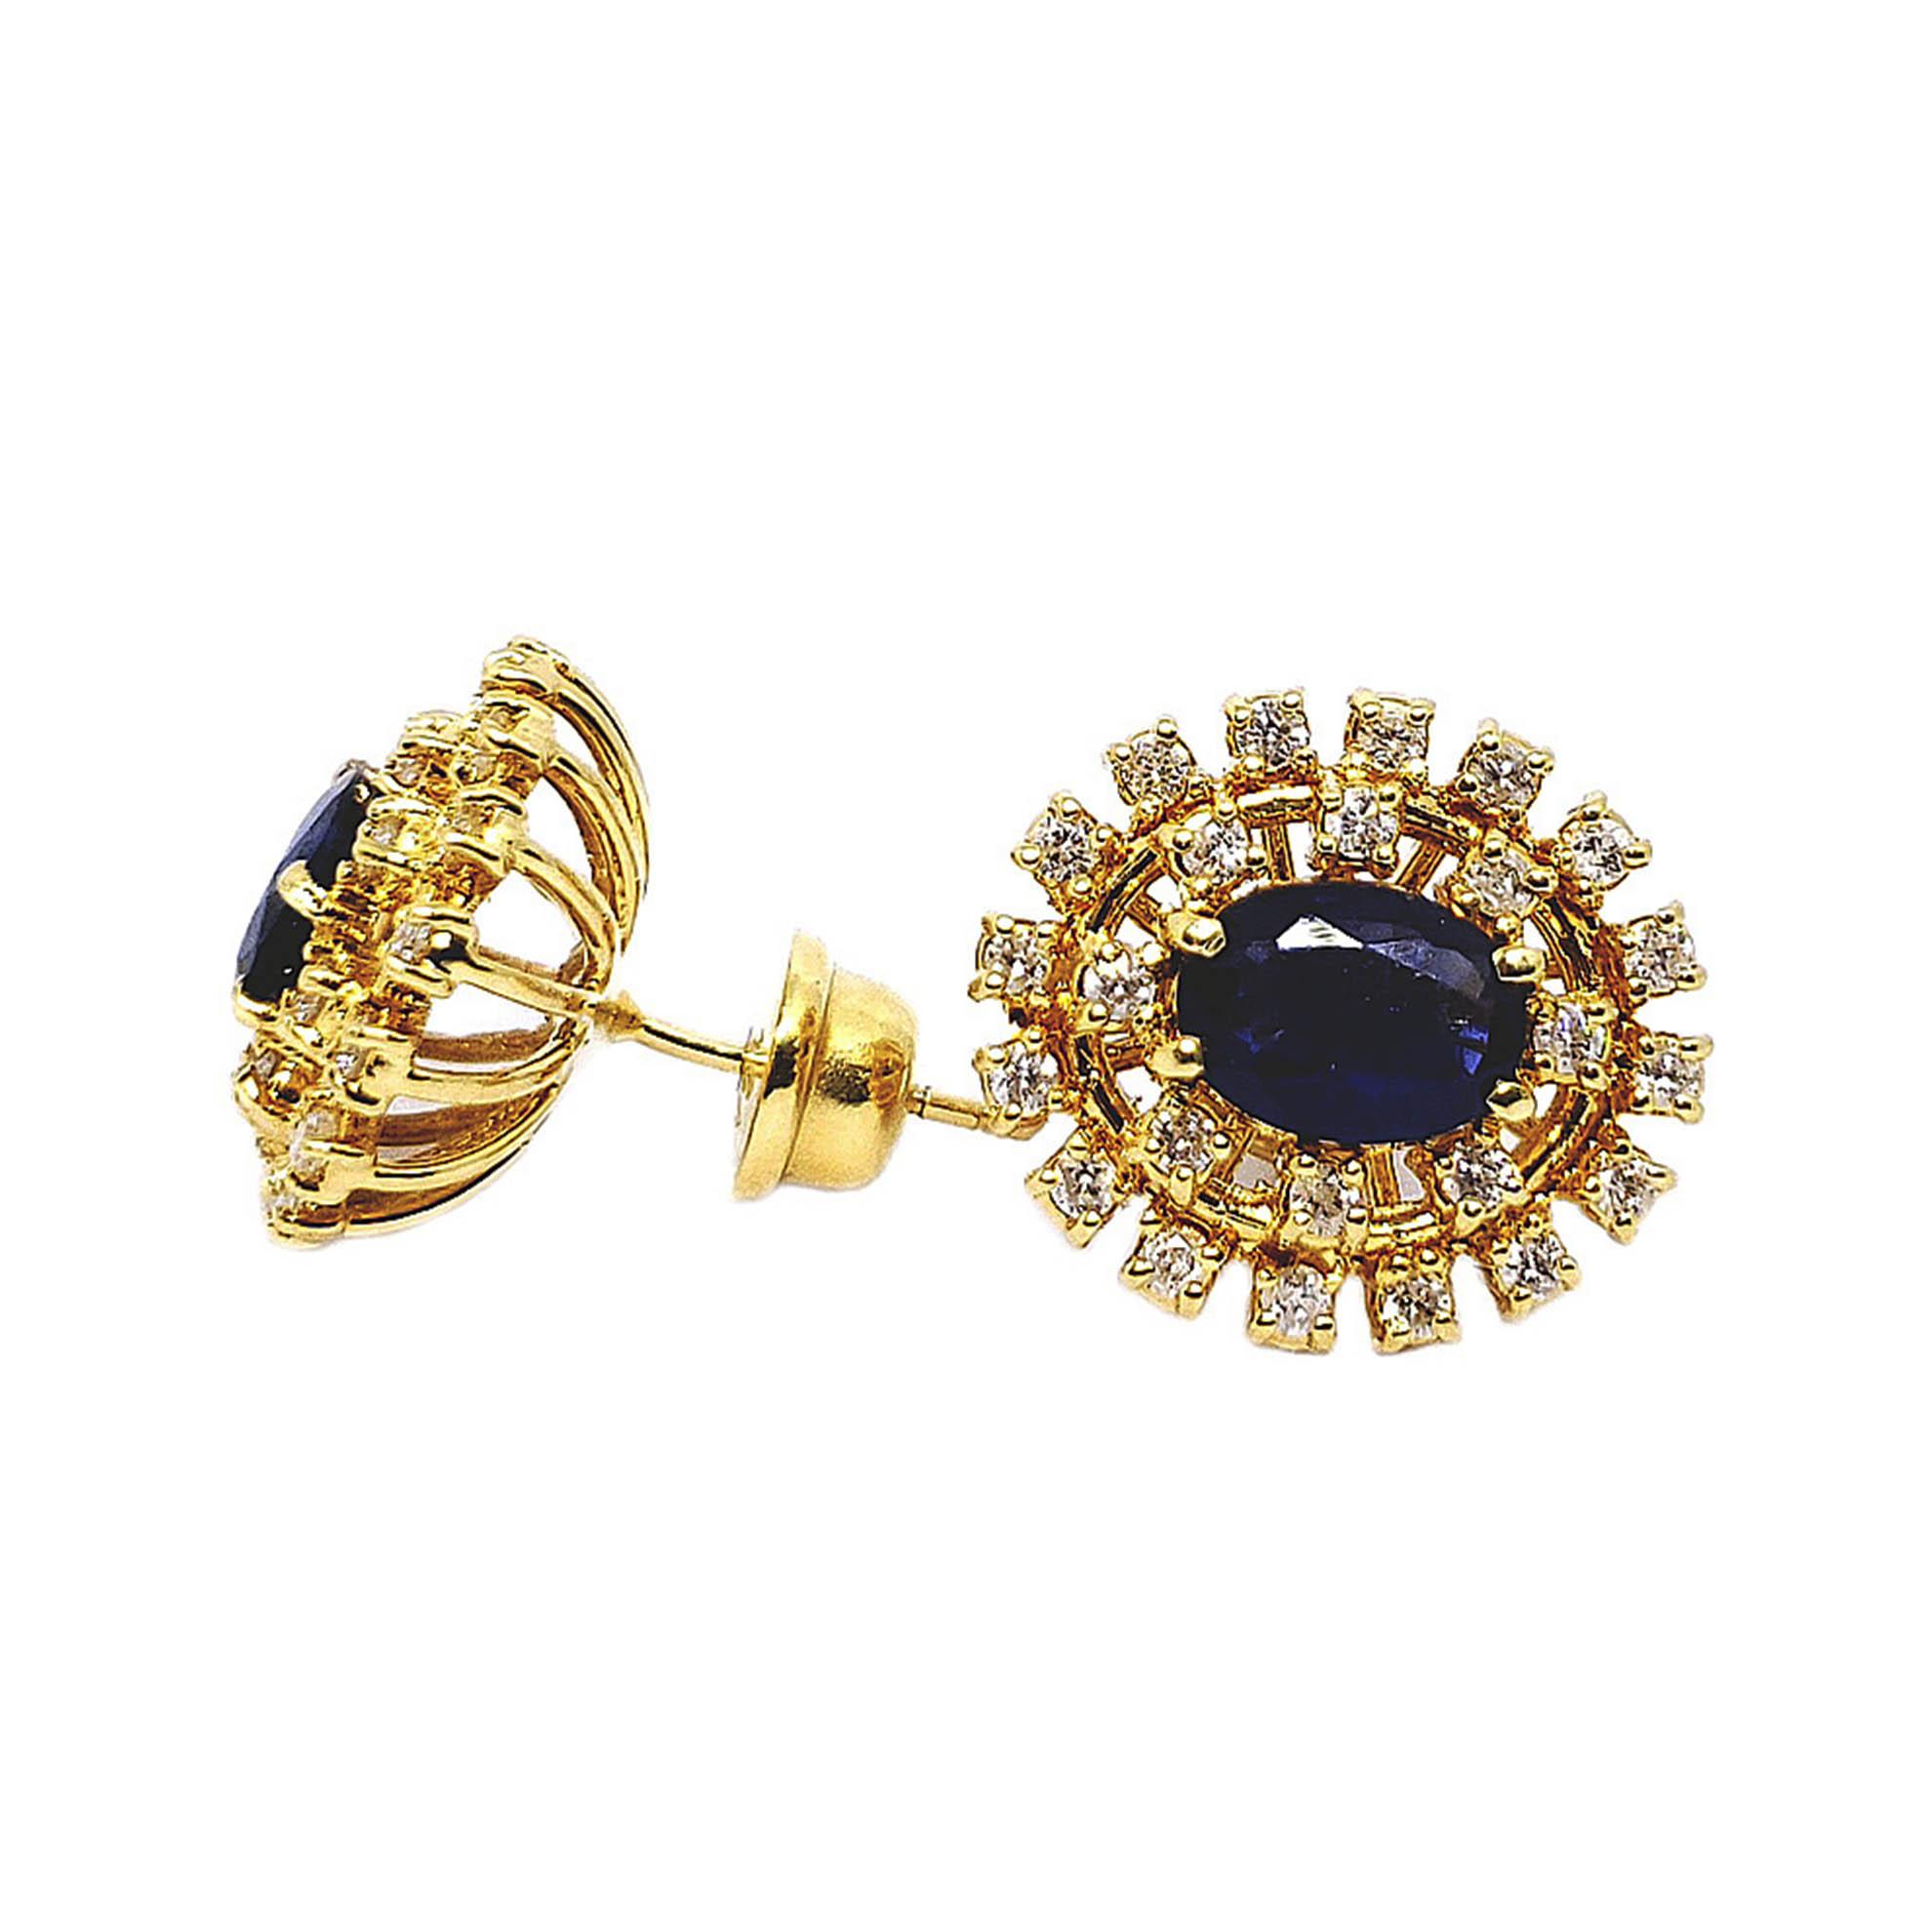 Brinco Chuveiro Oval c/ Diamantes e Safiras em Ouro 18 Kilates